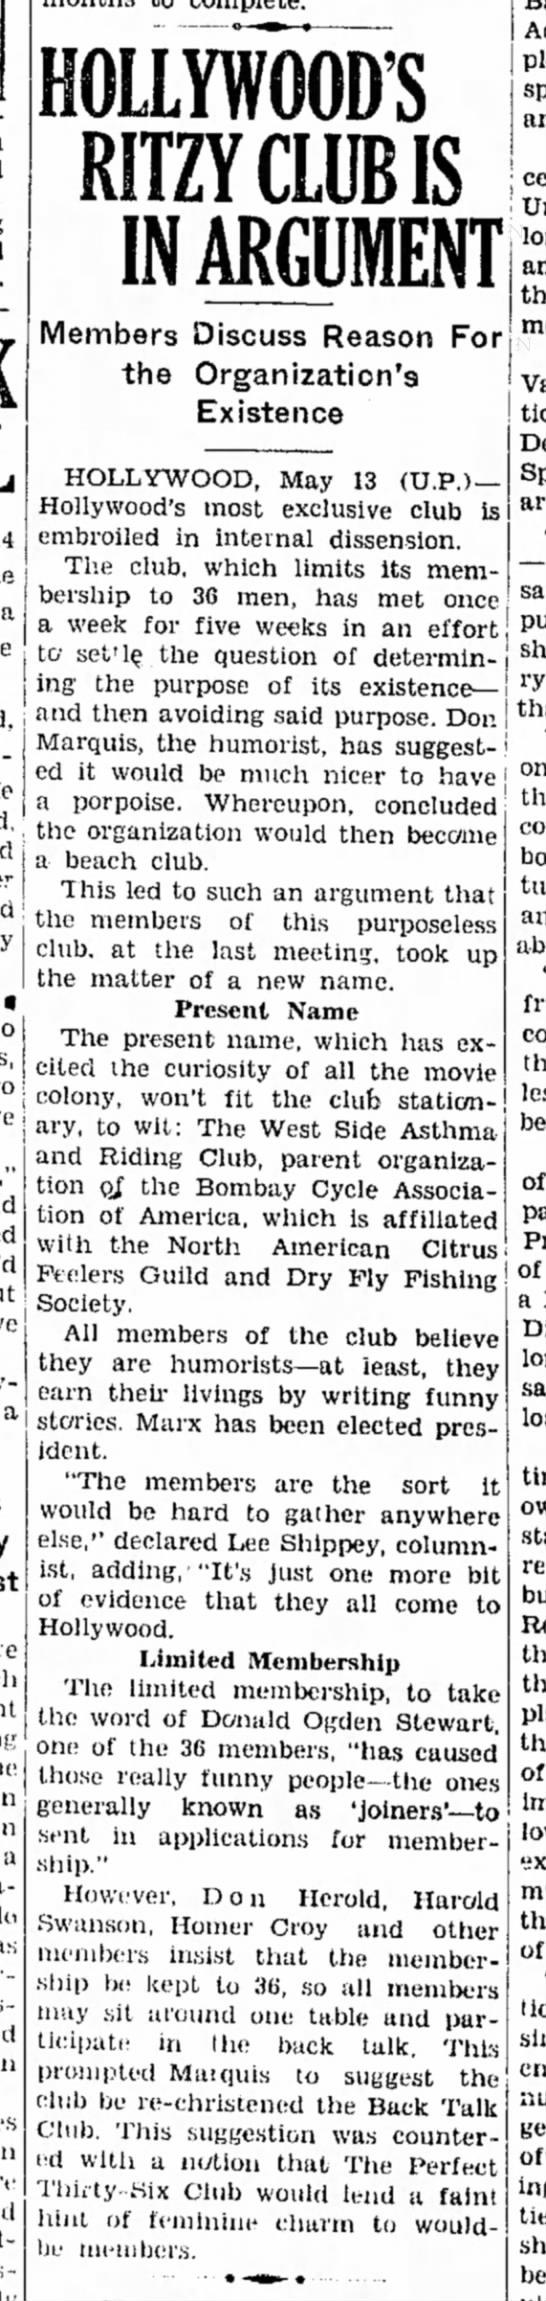 The Ruston Daily Leader, Ruston, Louisiana, May 14, 1932 -